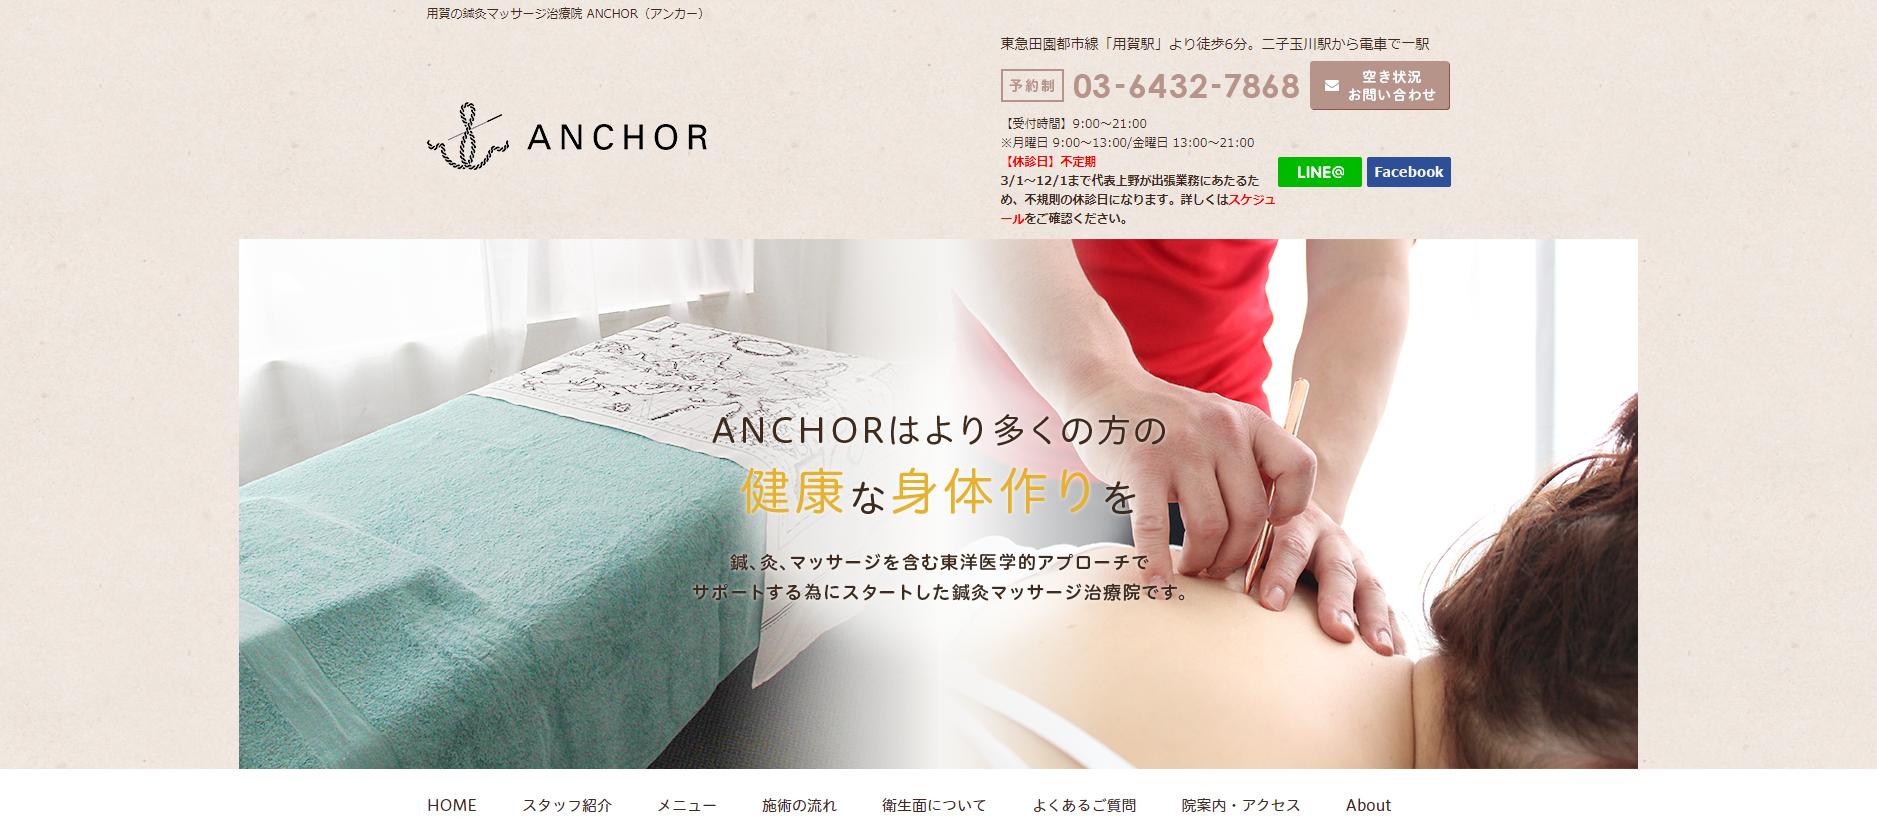 ANCHOR(アンカー)のサムネイル